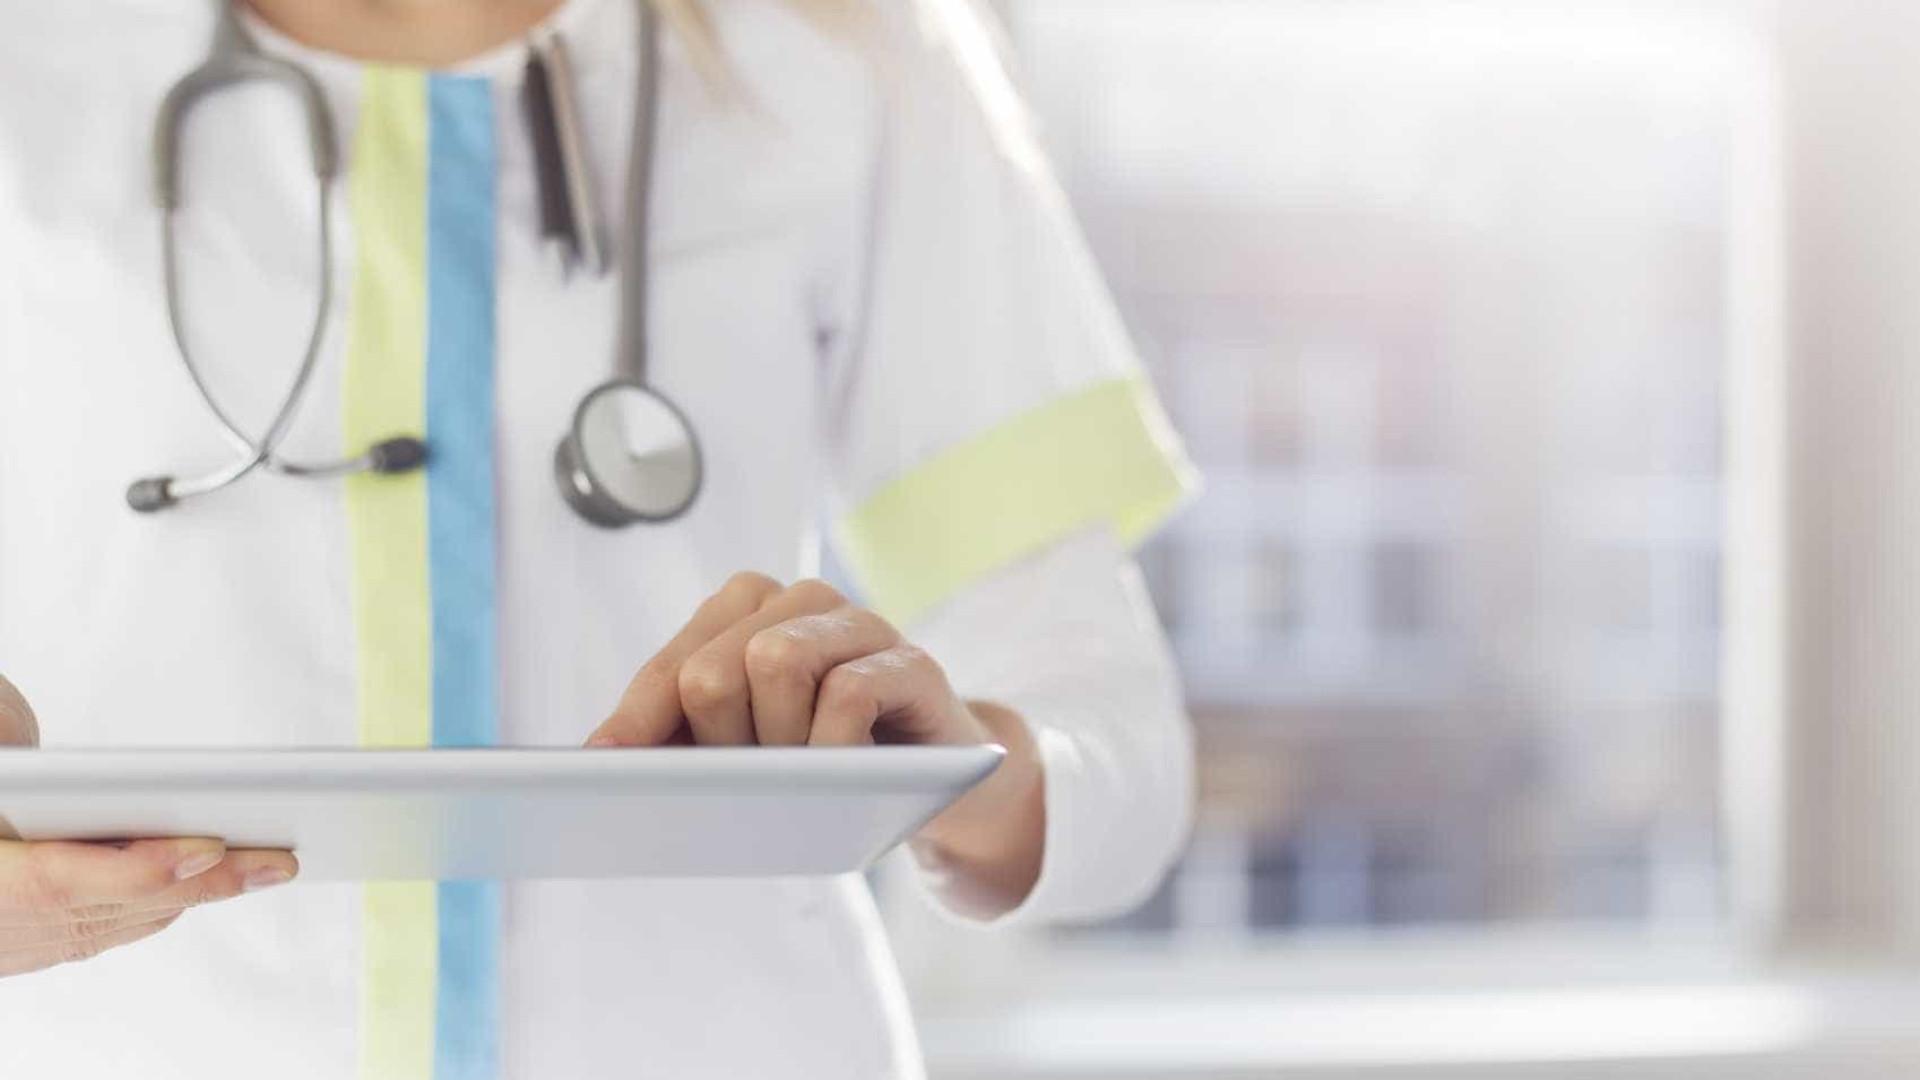 Procedimentos administrativos lideram reclamações de utentes de saúde